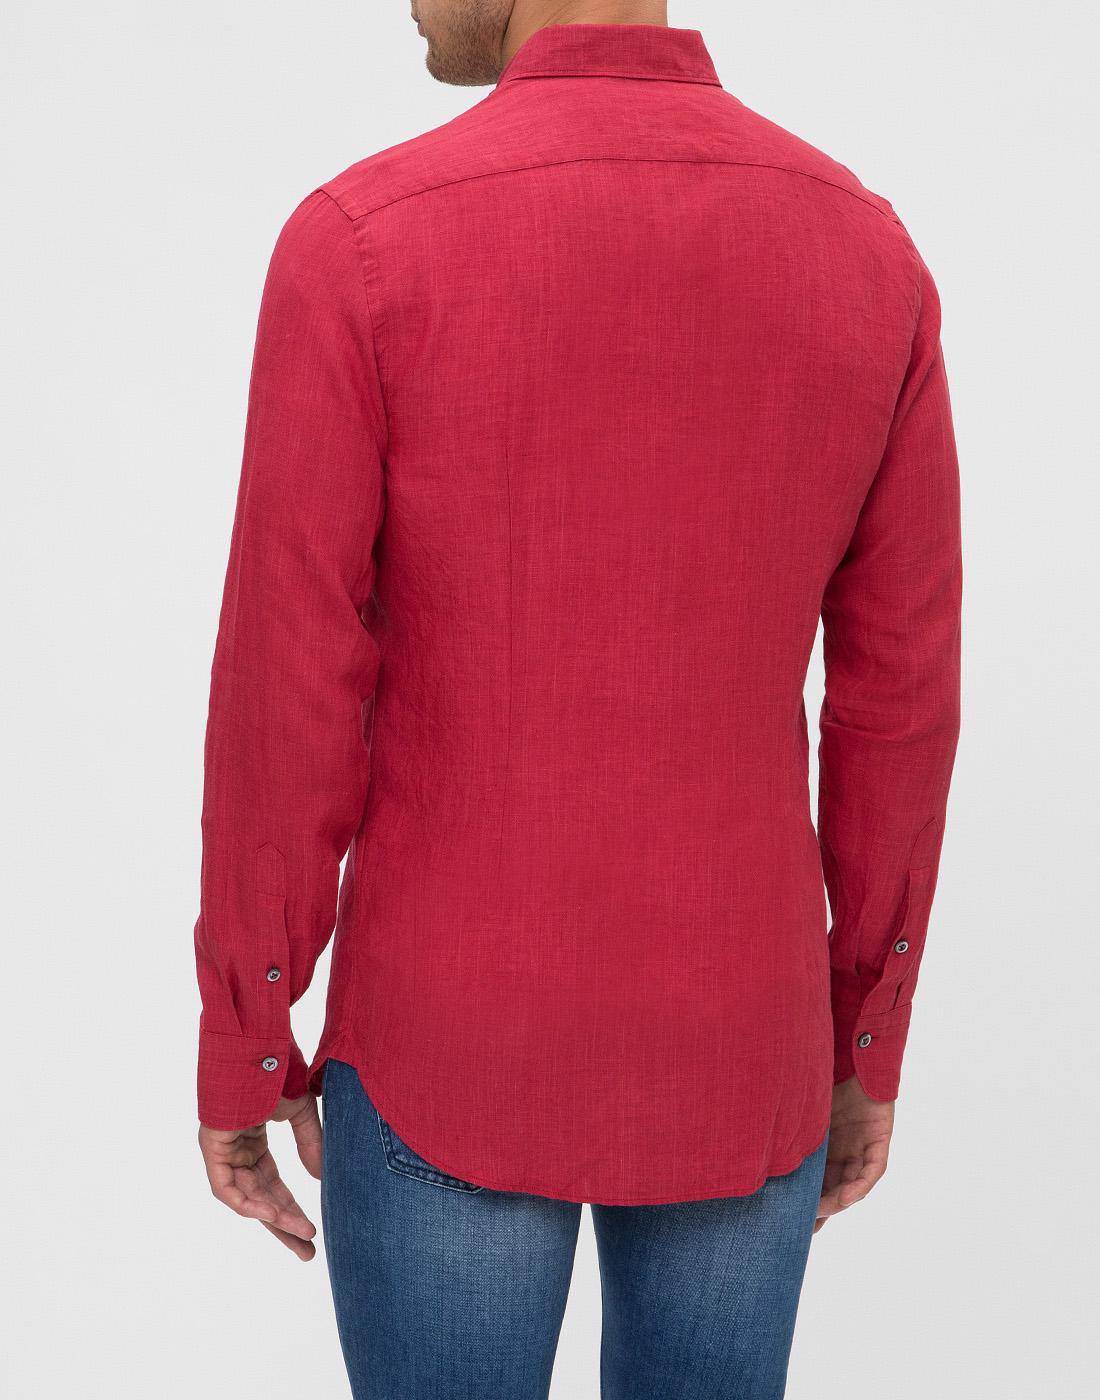 Мужская красная рубашка Van Laack S155315/570-4